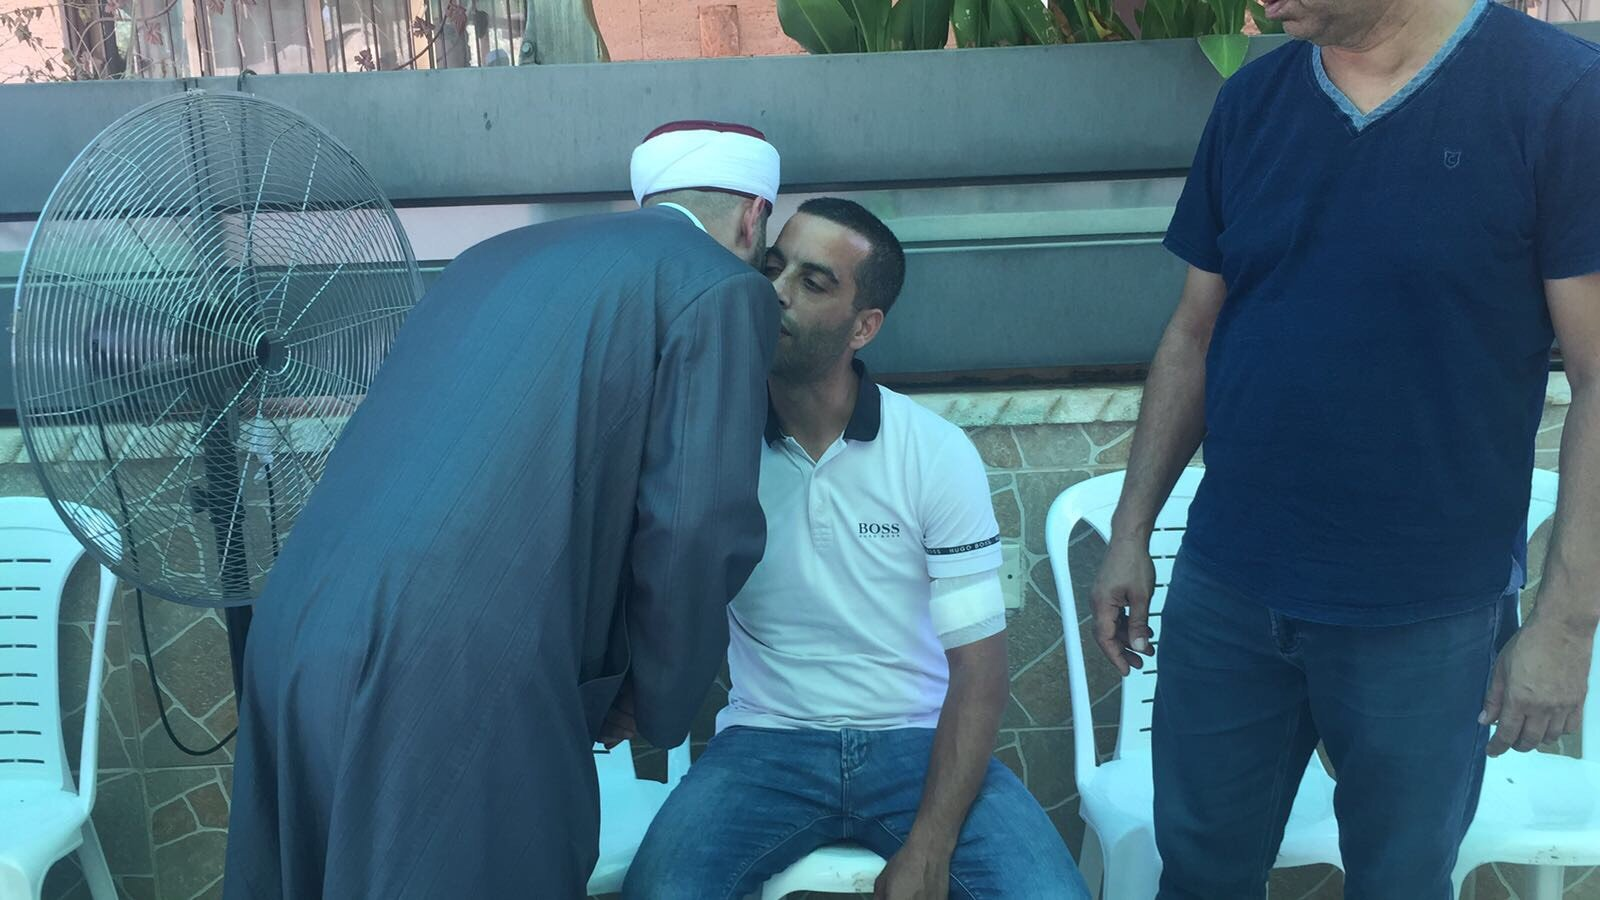 وفود فحماوية لتعزية اهالي الطيبة بمصابهم.. وبيان لاهالي مصمص